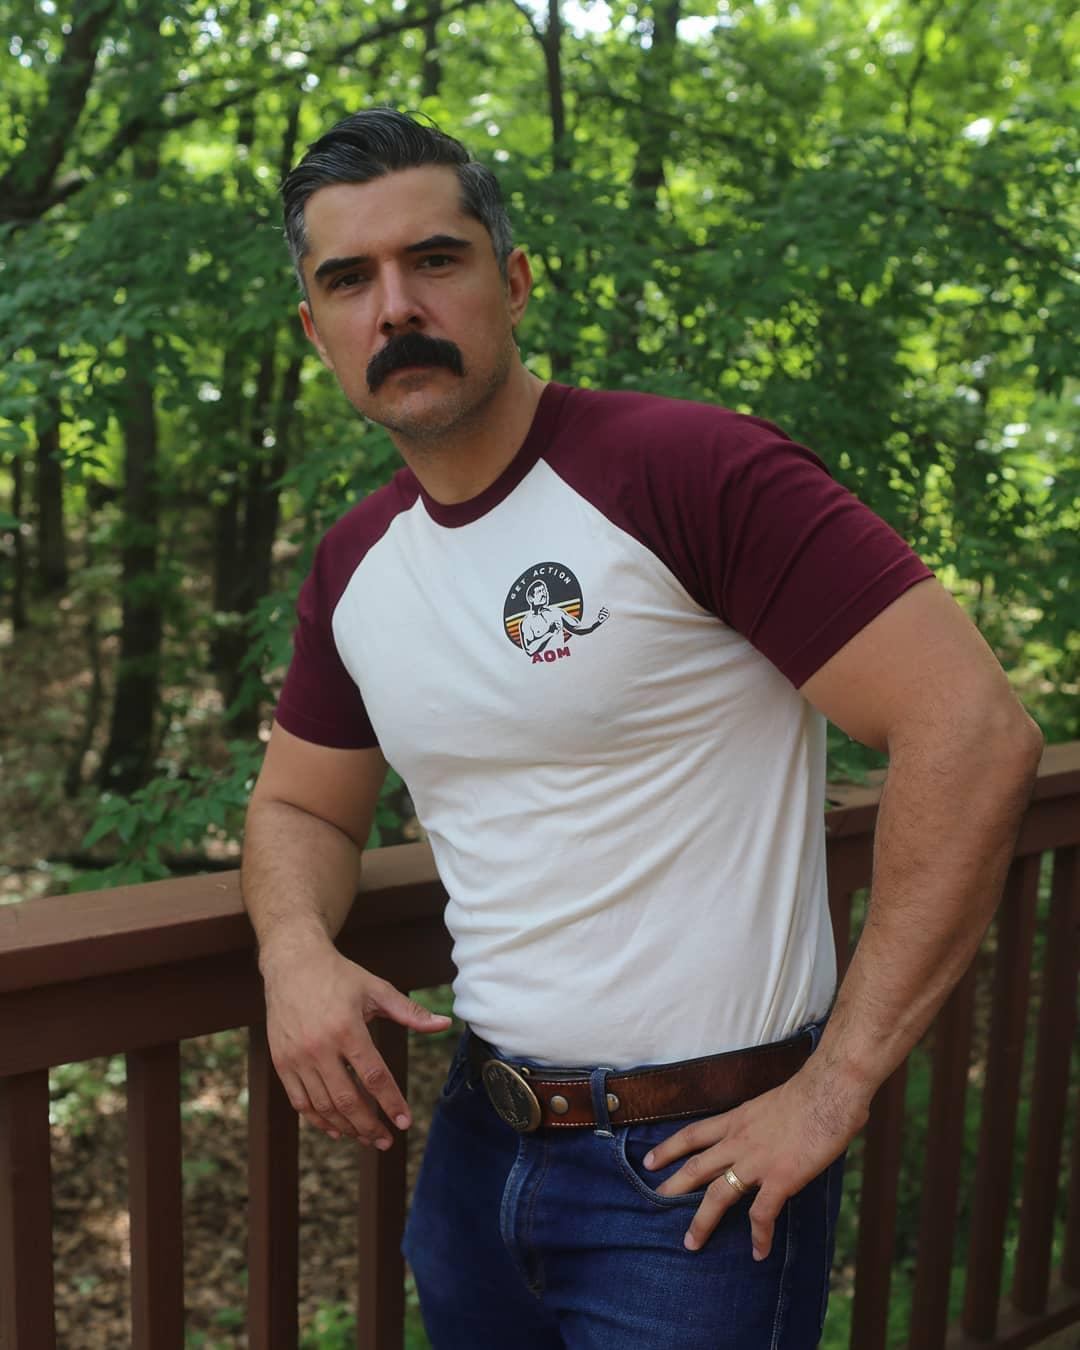 Homme aux cheveux courts foncés et à la moustache